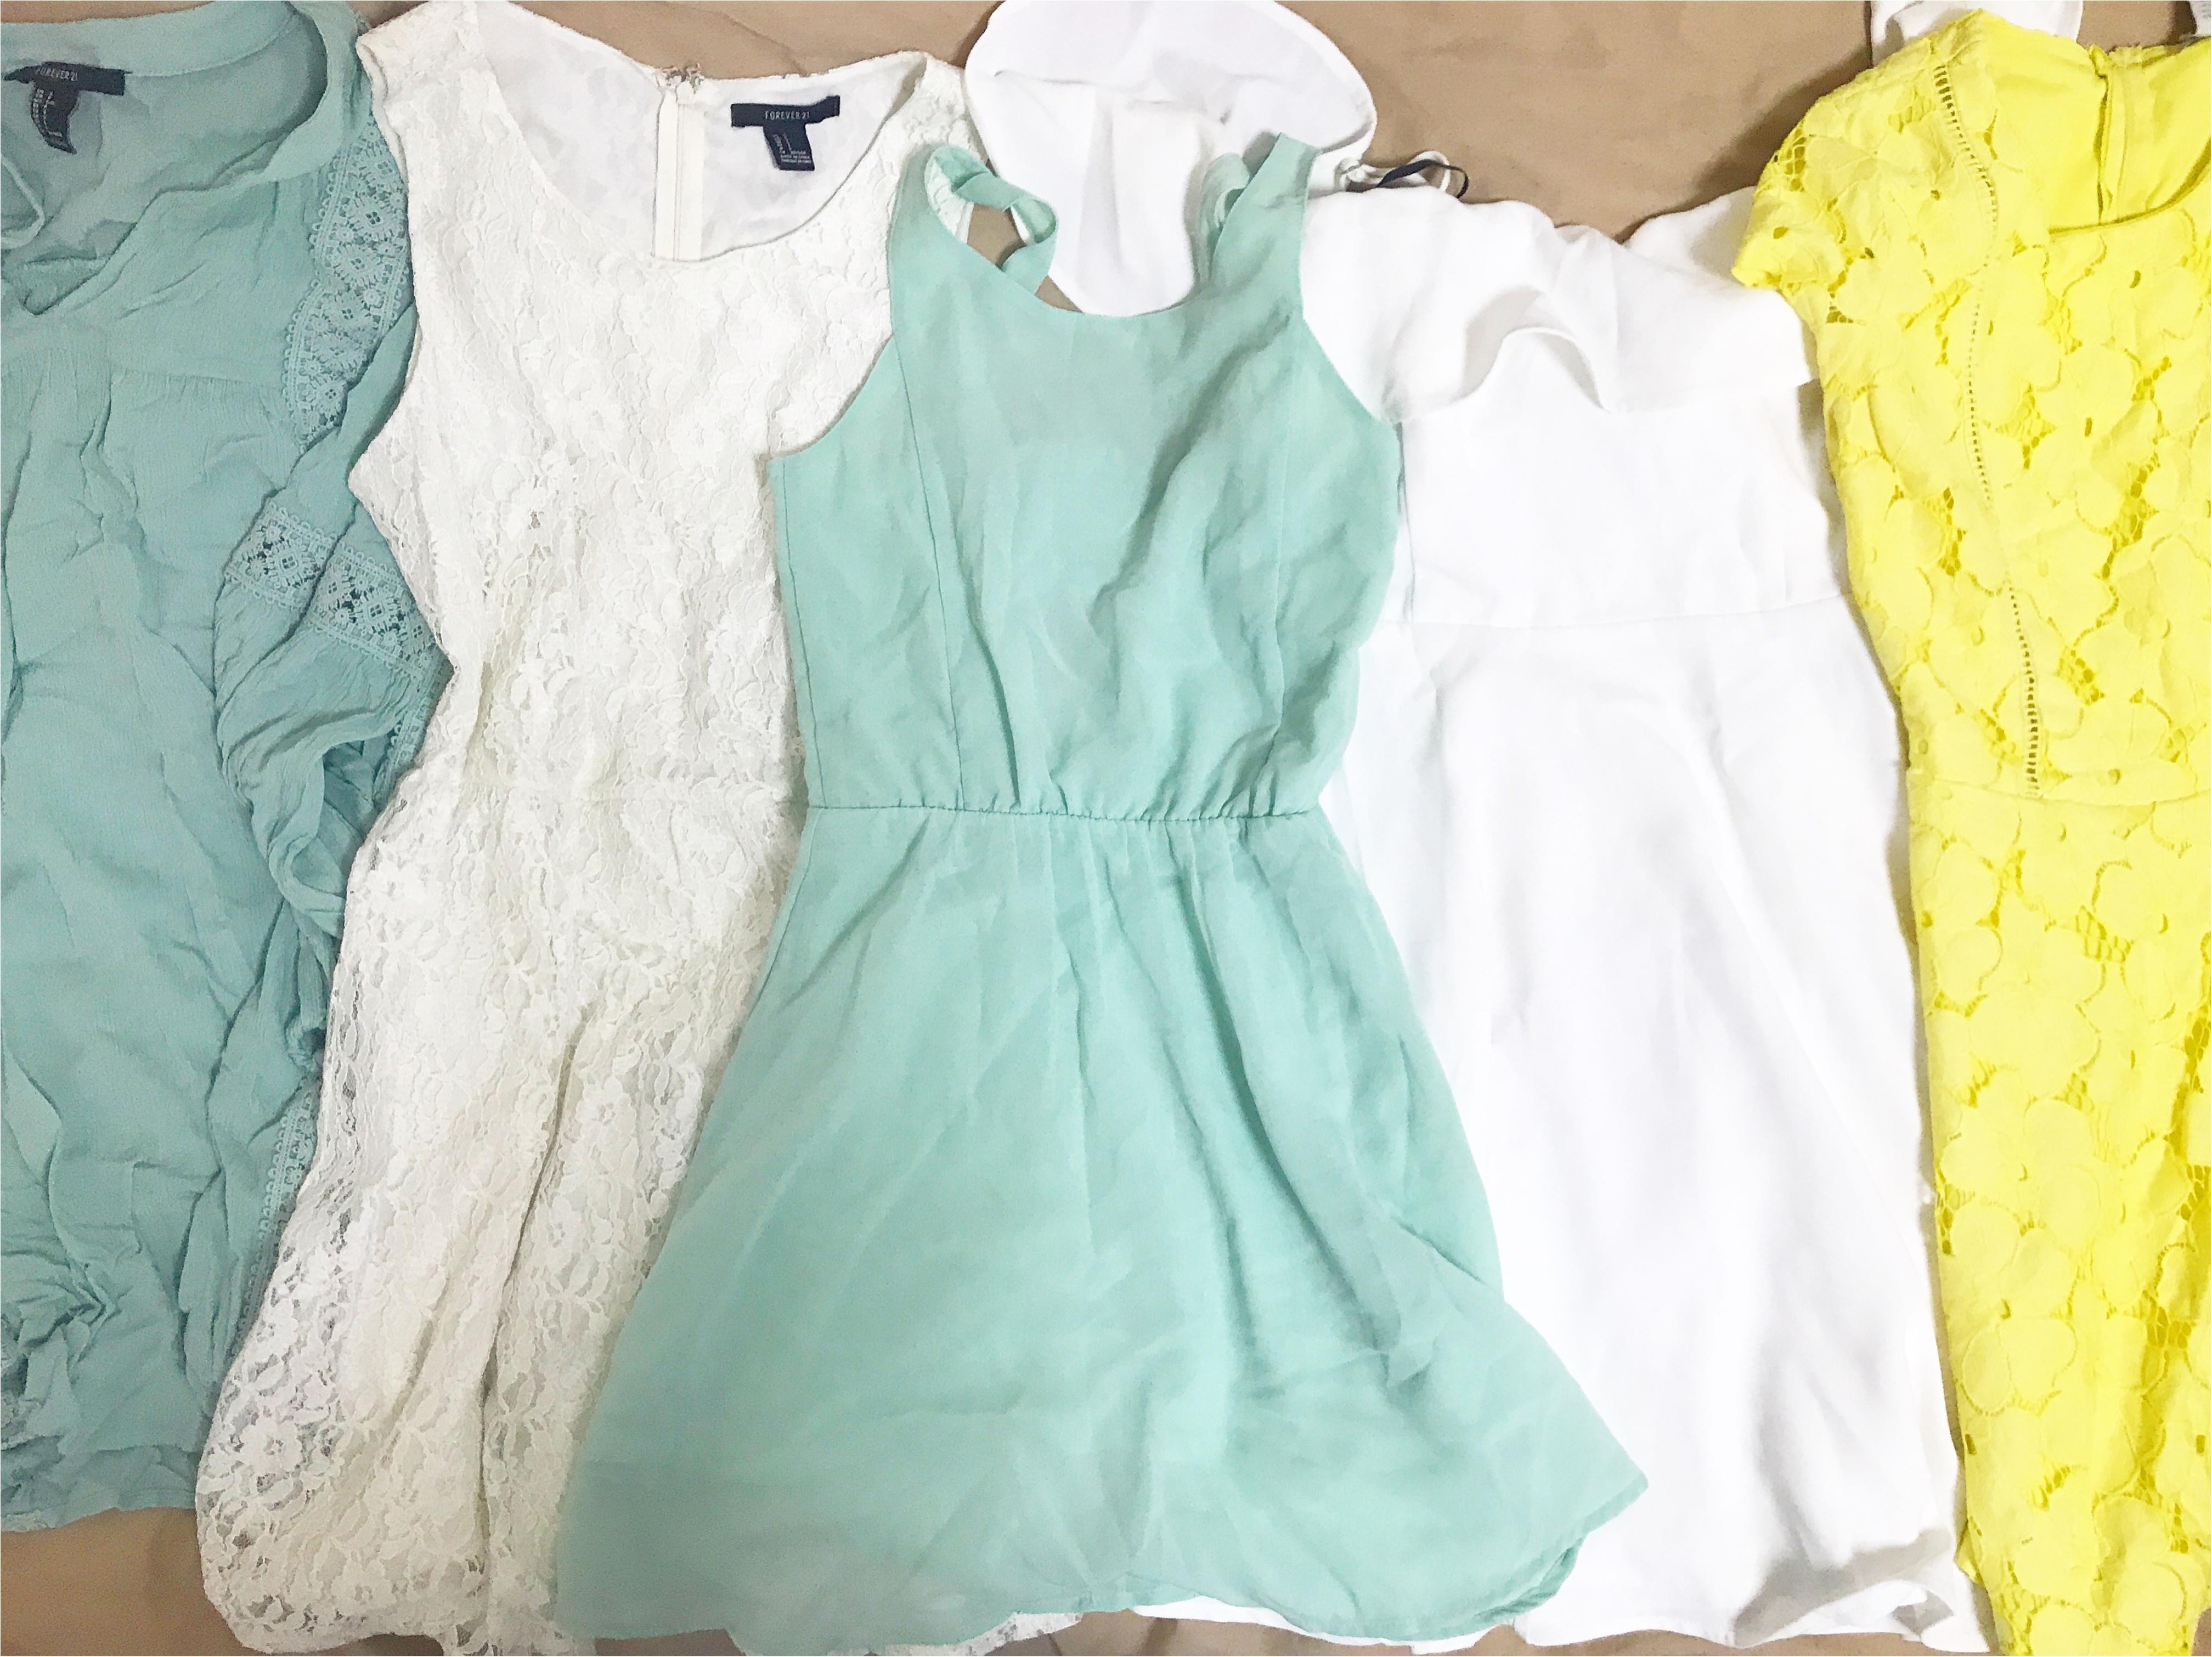 【Fashion】夏ワンピこそ海外ブランド!ヘルシー可愛いはココでGET♡_1